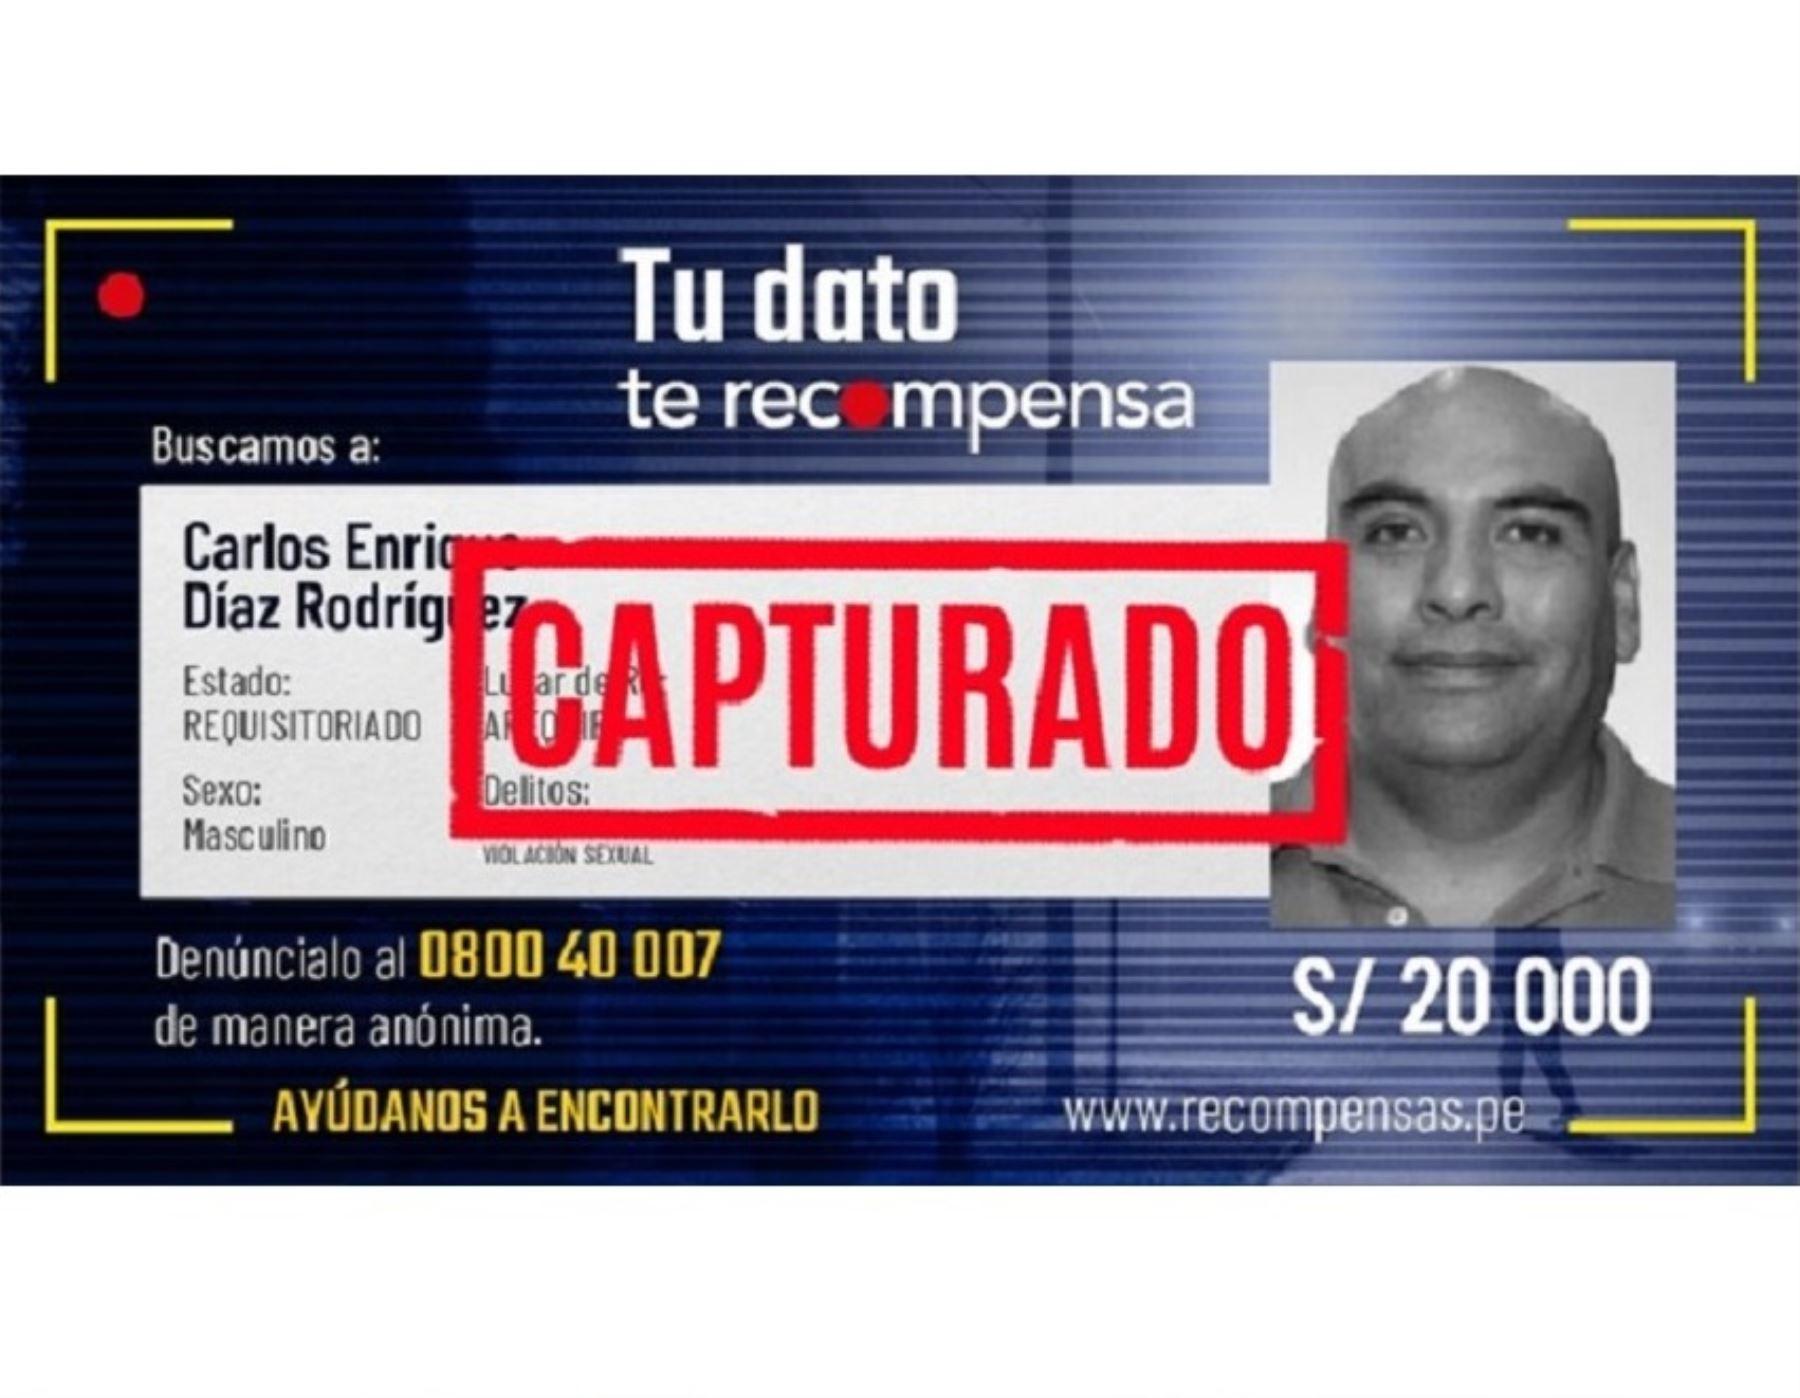 Policía capturó a Enrique Díaz Rodríguez quien enfrenta una condena por feminicidio en Arequipa.